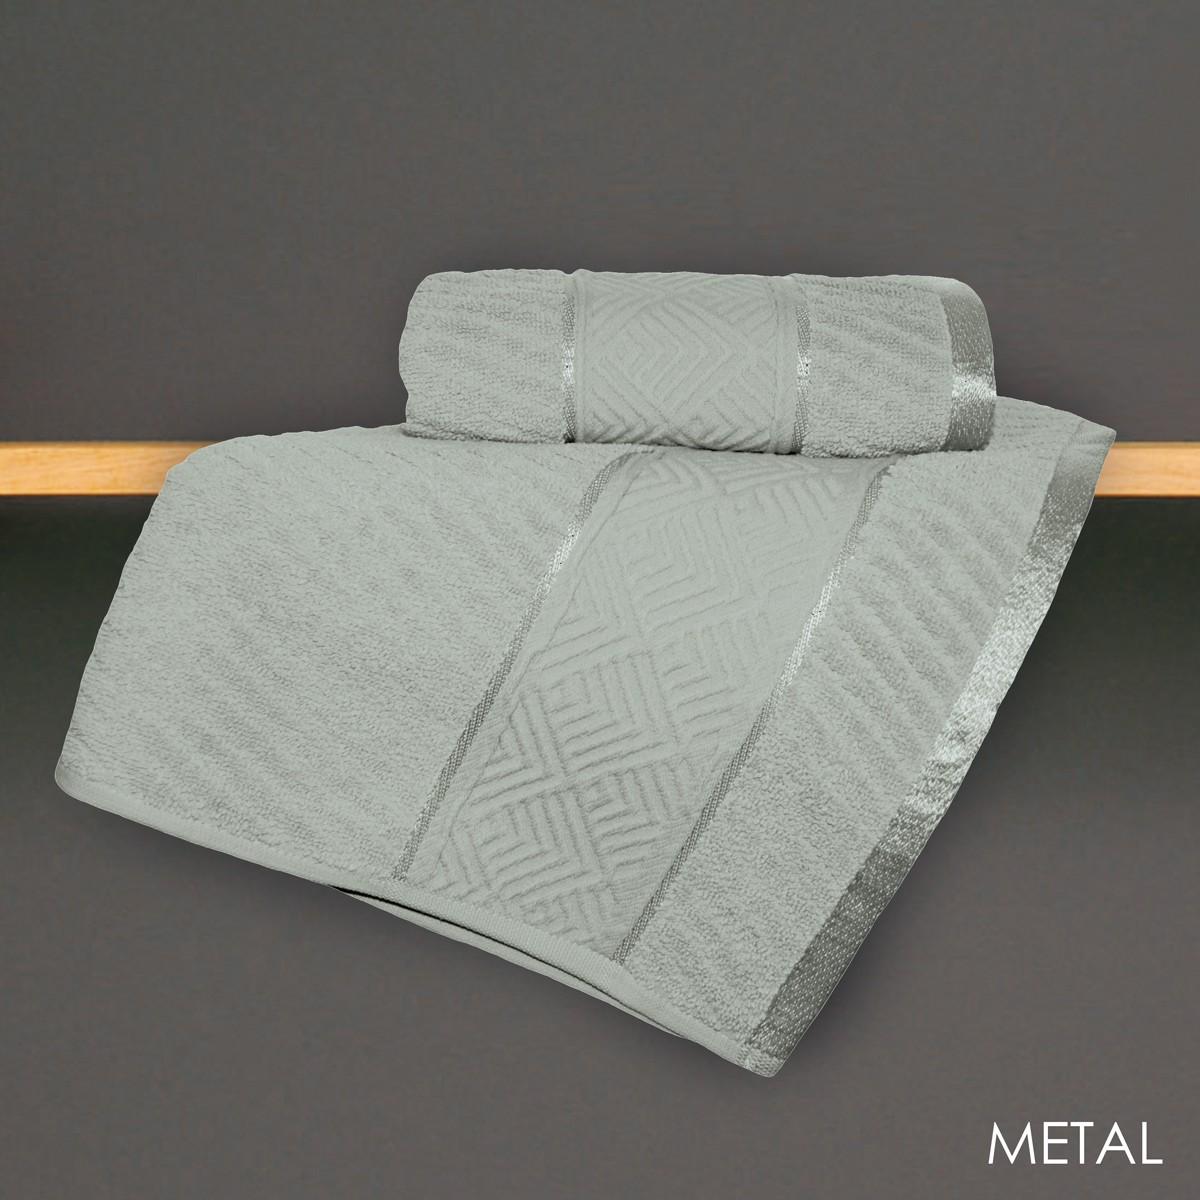 Πετσέτα Σώματος (70x140) V19.69 Mimoza Metal